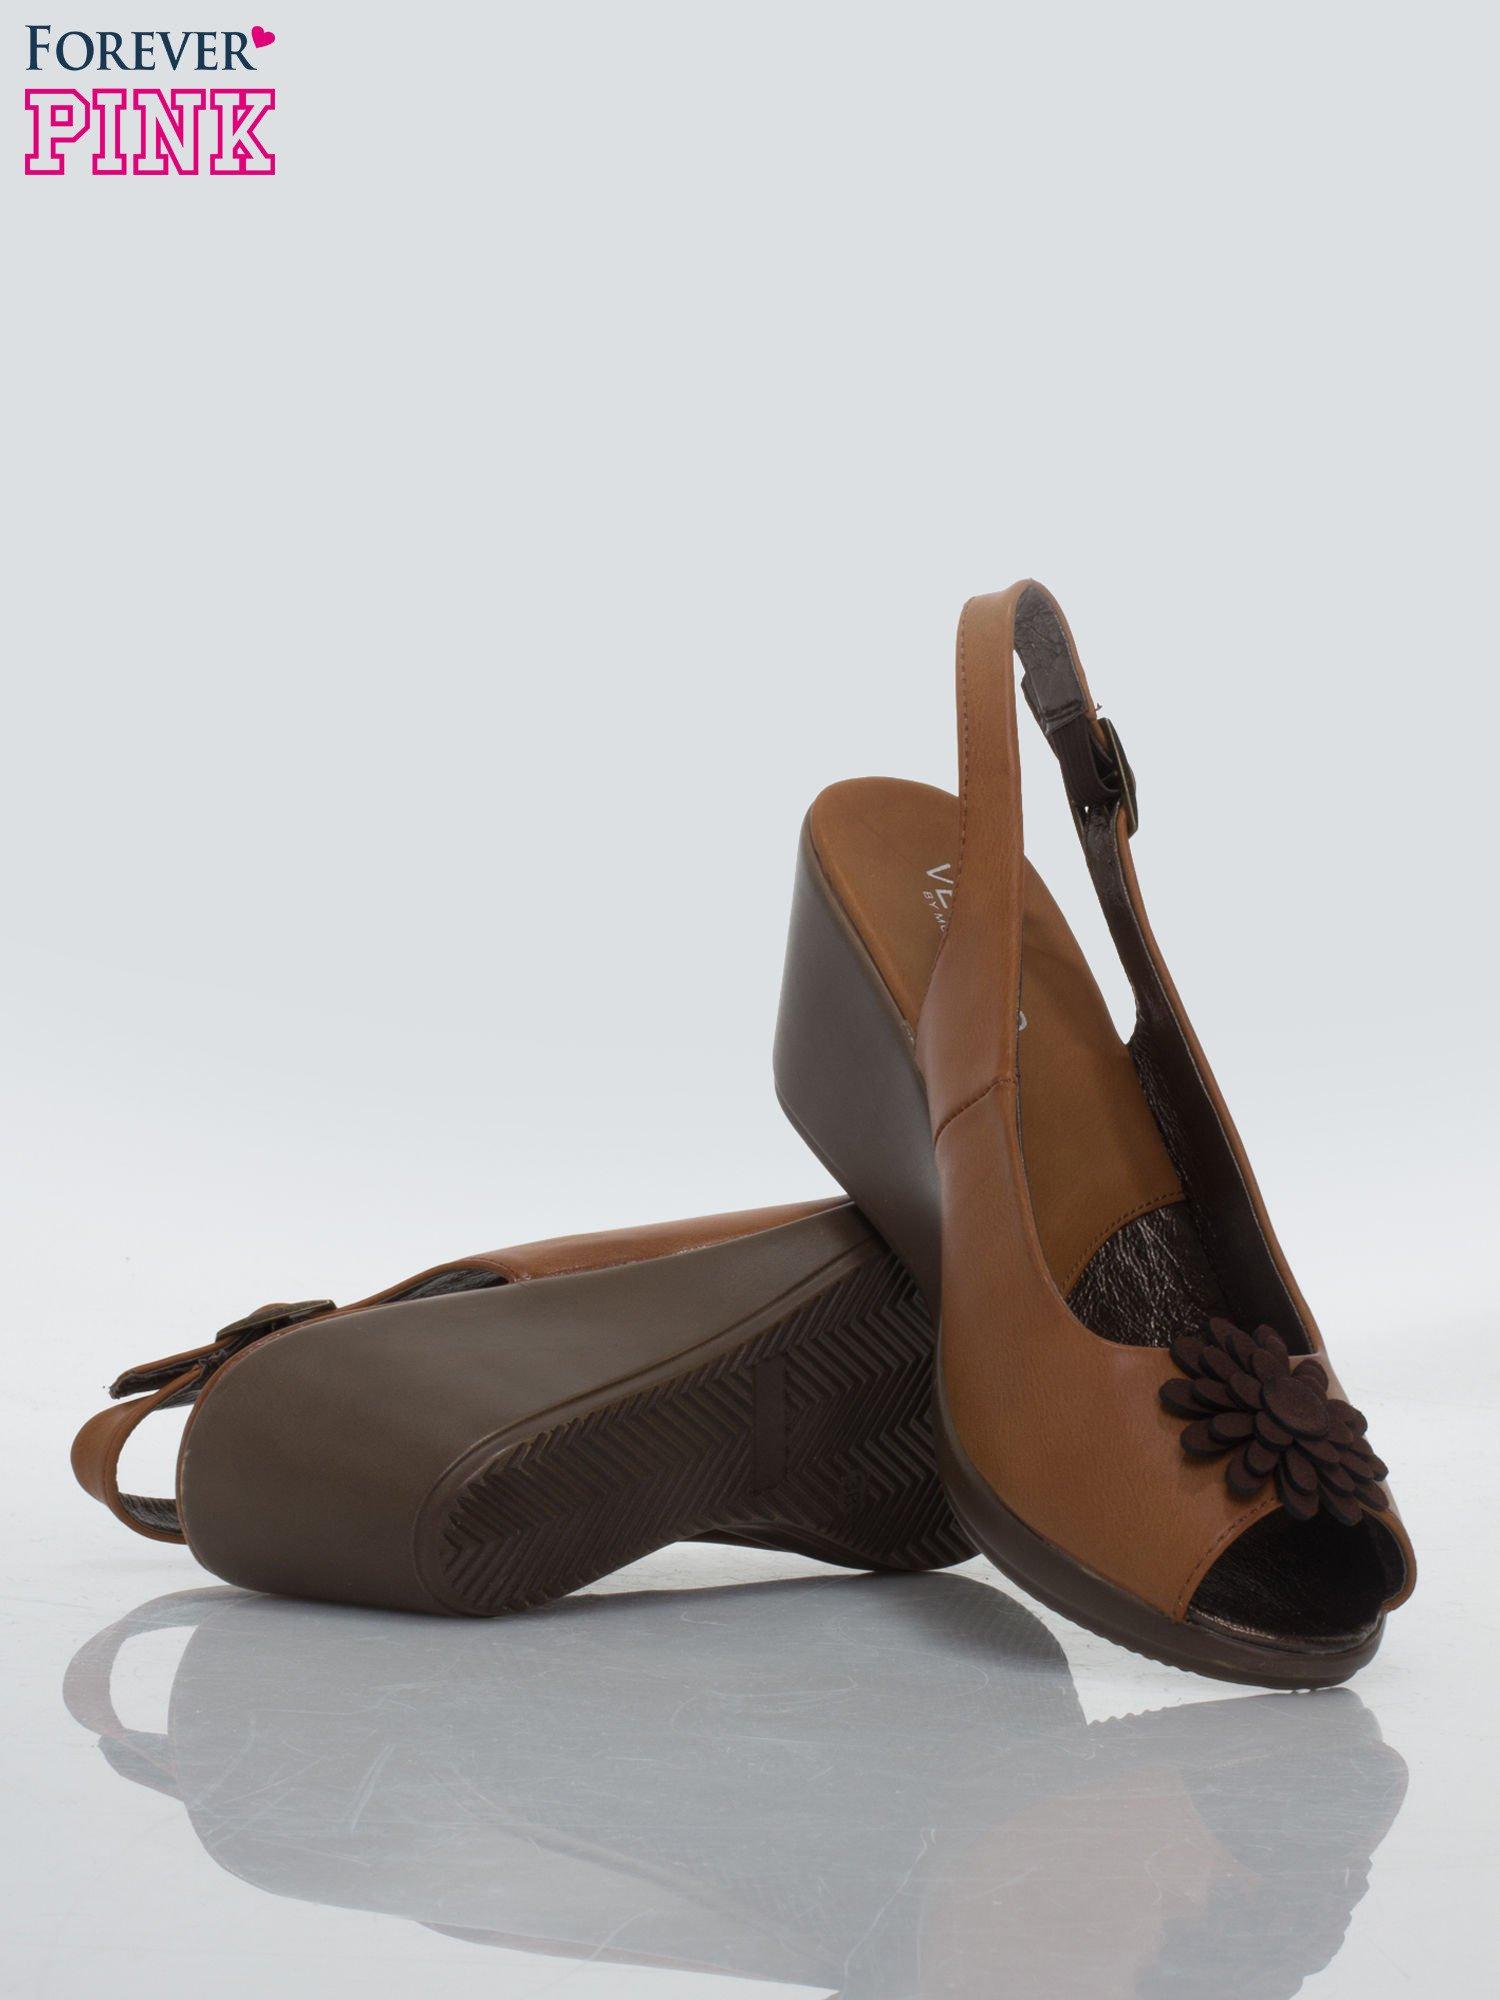 Karmelowe koturny faux leather open toe z odkrytą piętą i ozdobnym kwiatem                                  zdj.                                  4